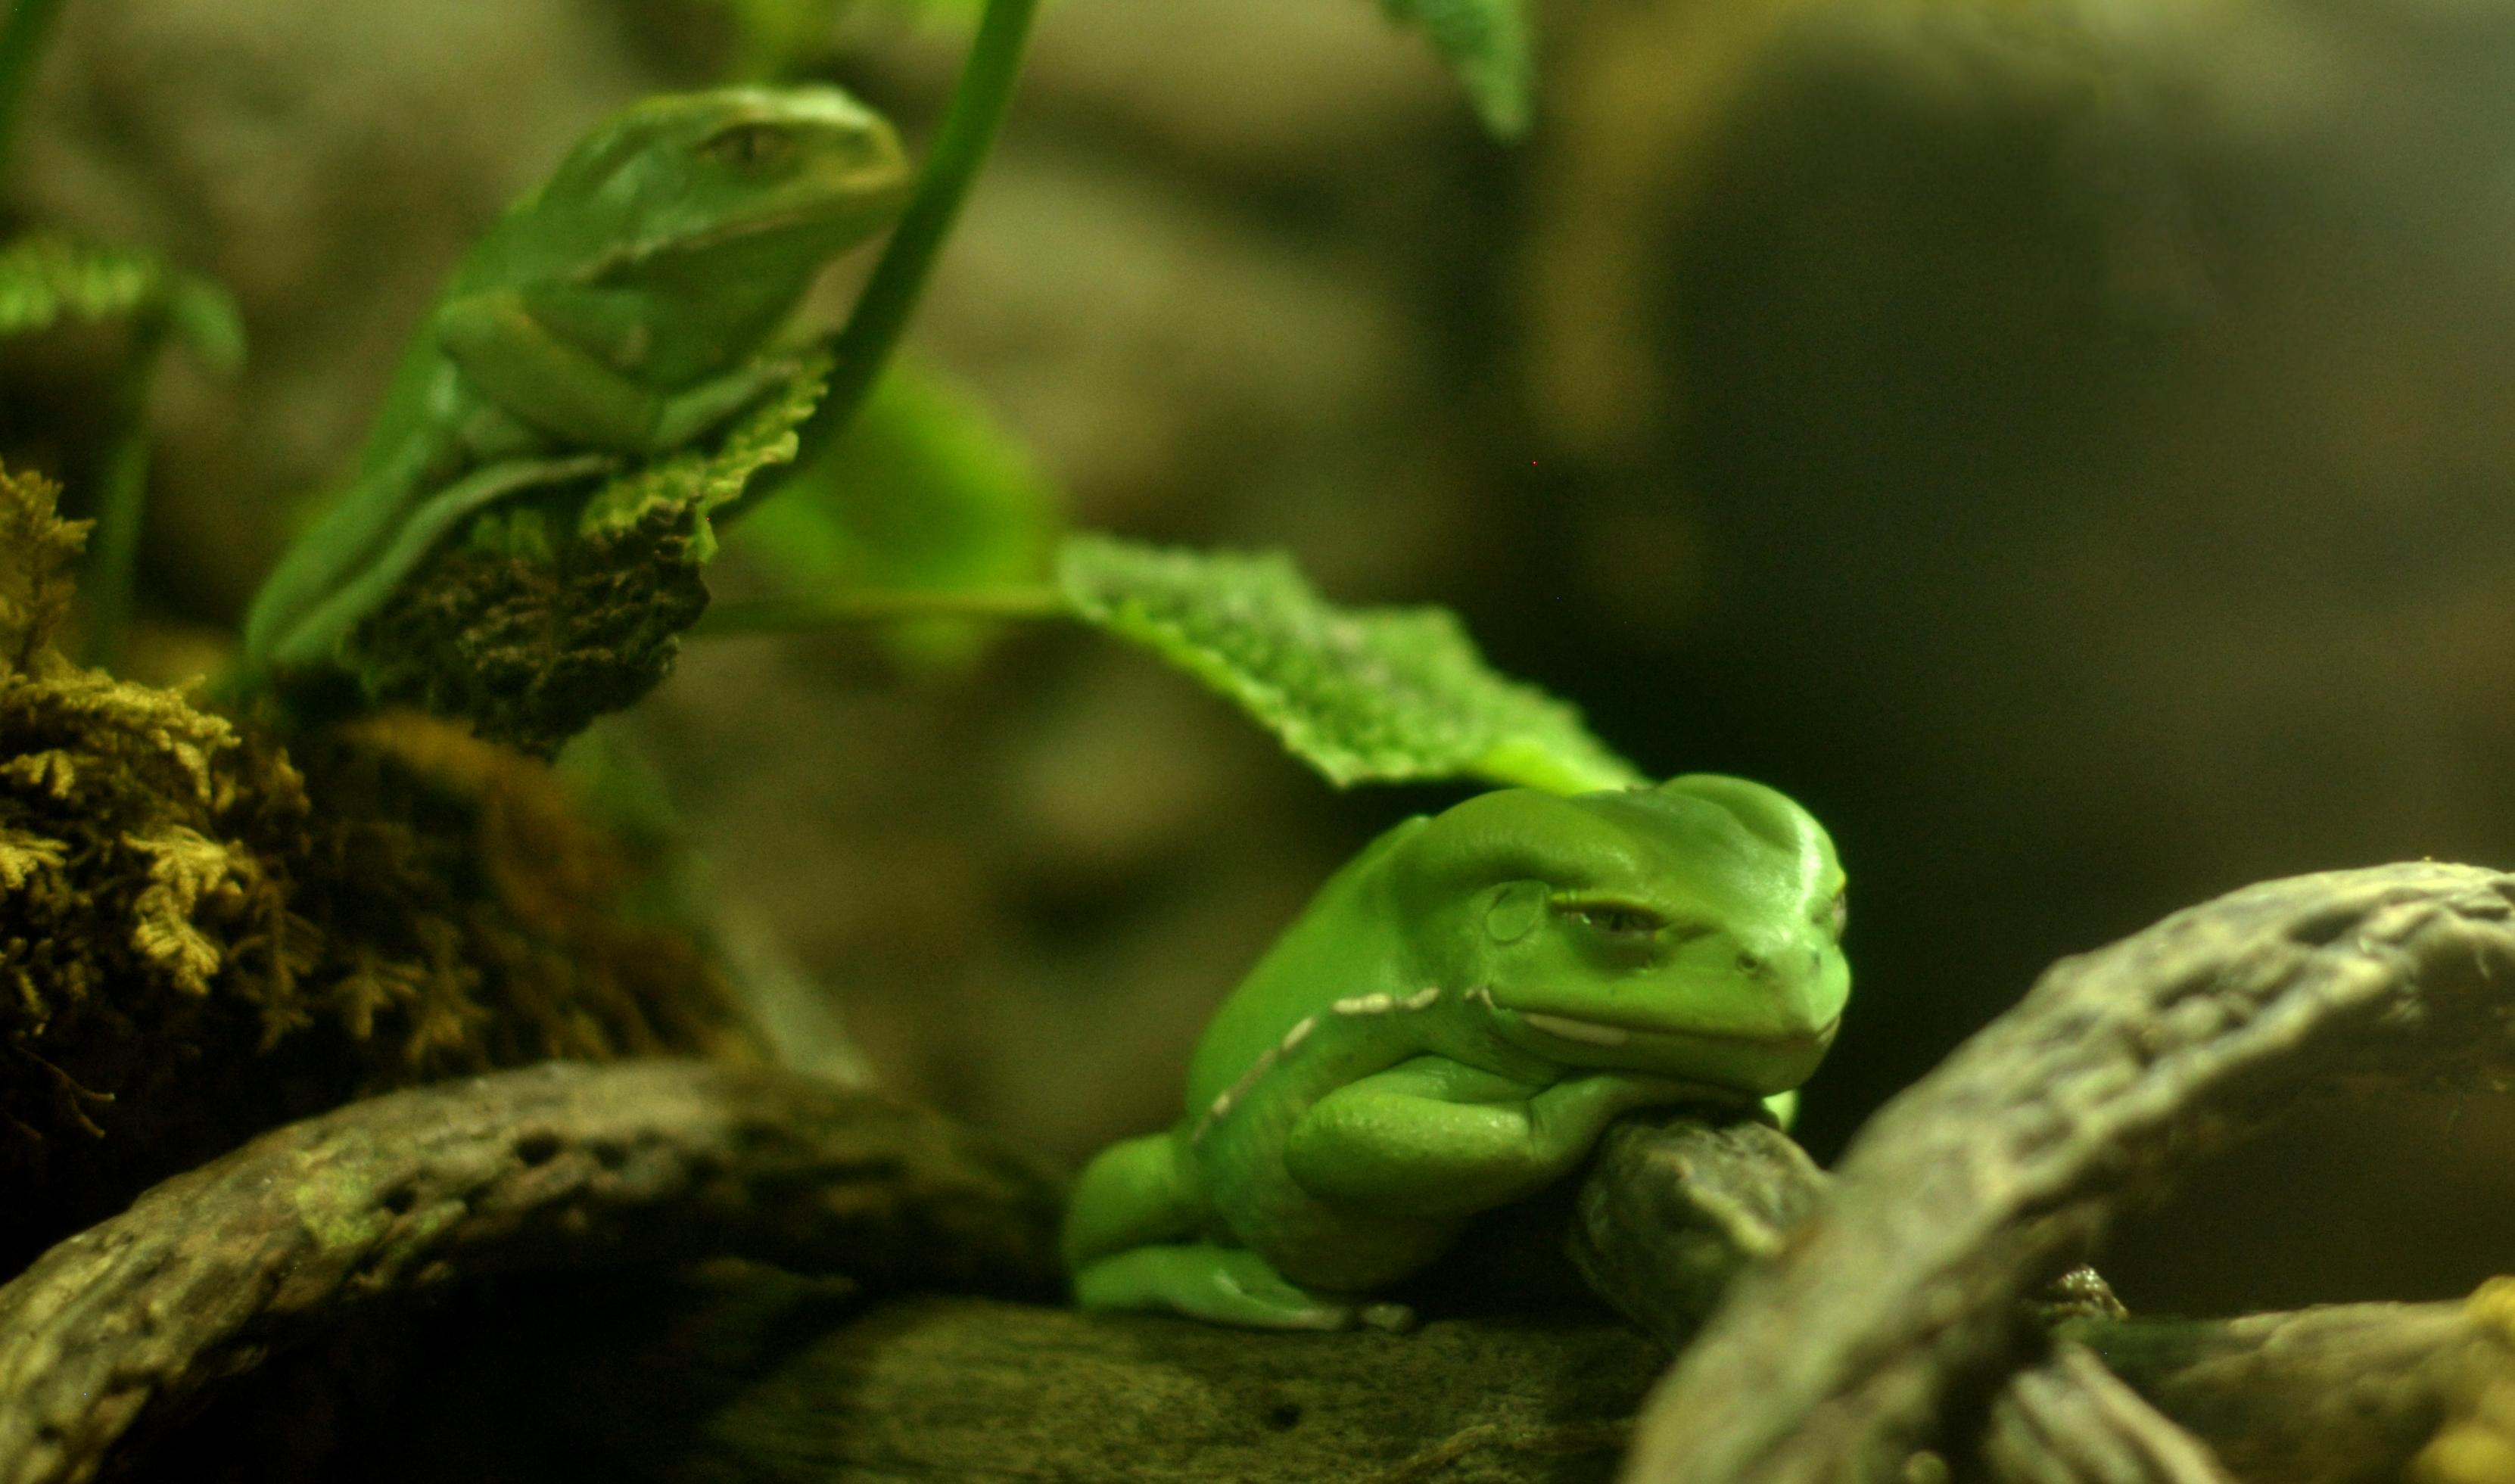 Waxy Monkey Tree Frog, June 2013